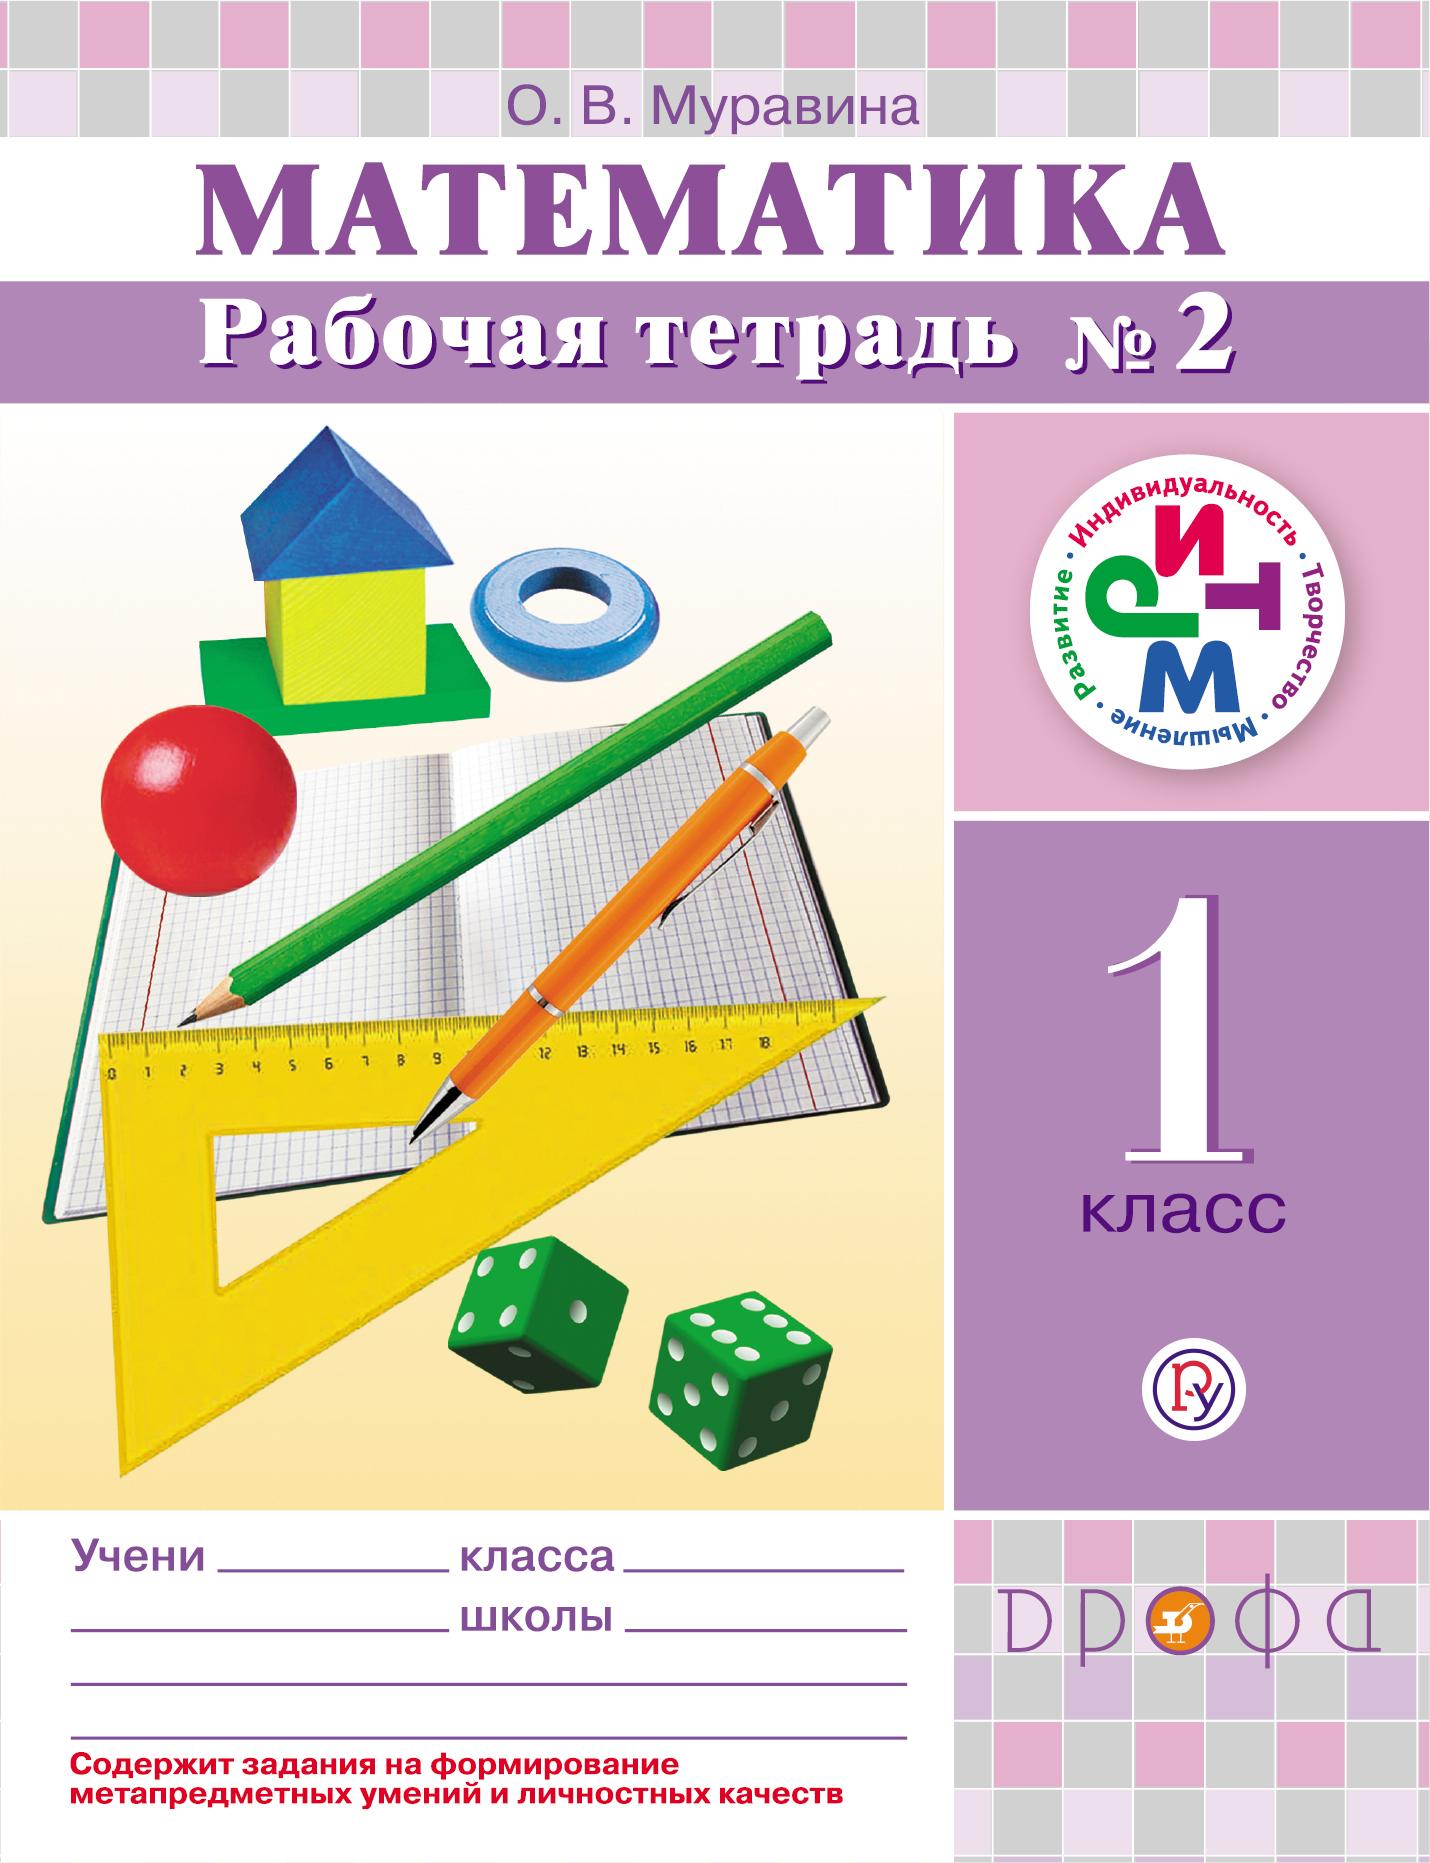 Муравина О.В. Математика. 1 класс. Рабочая тетрадь №2 минаева с зяблова е математика 2 класс рабочая тетрадь 2